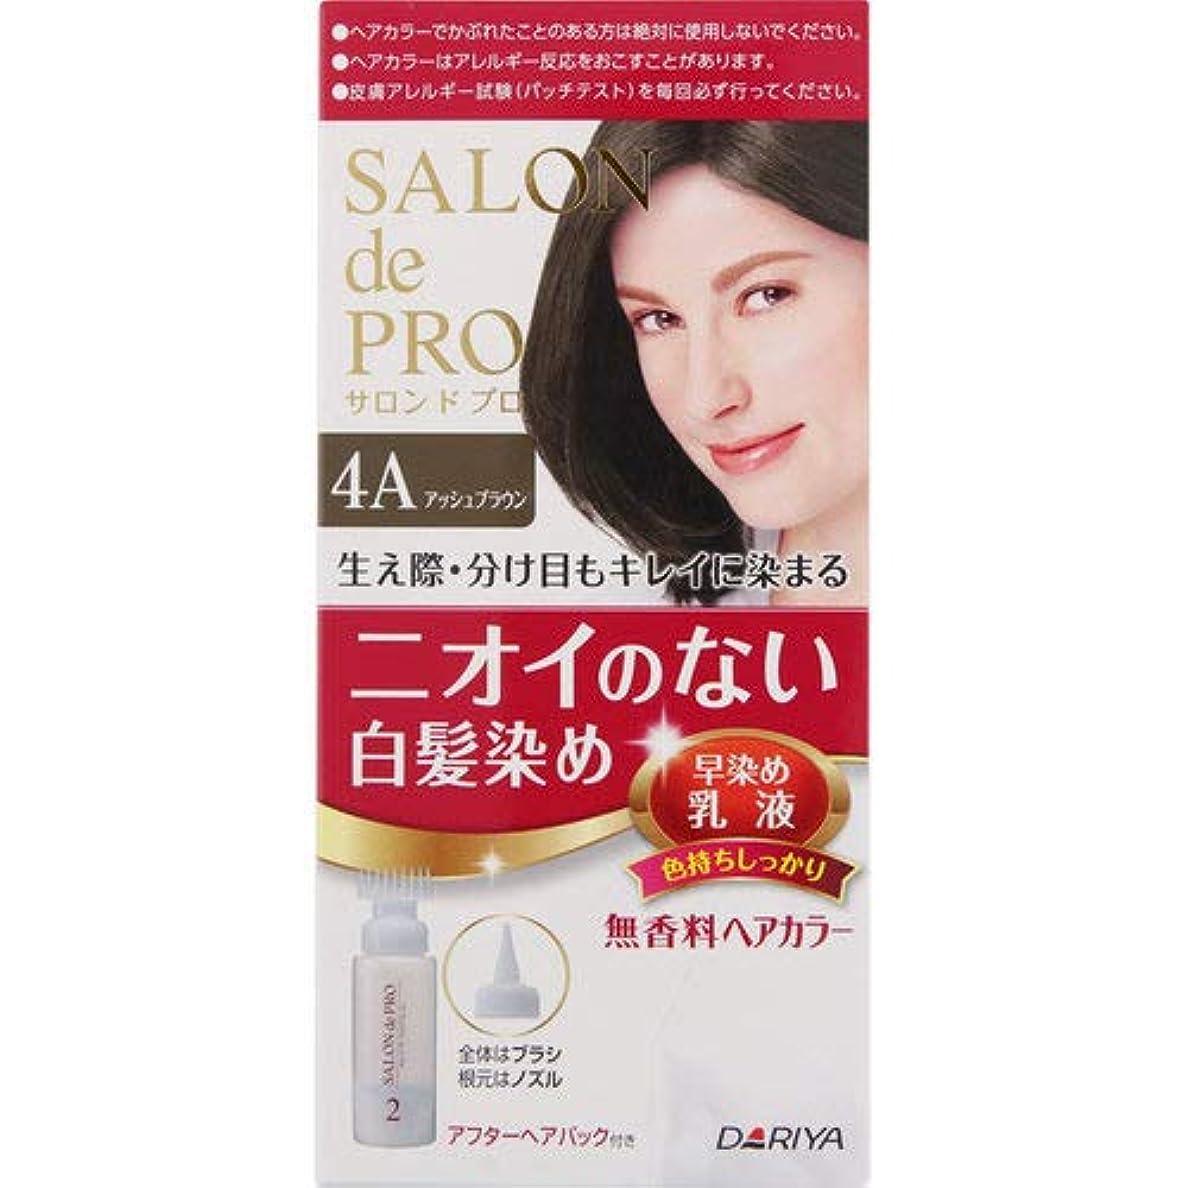 制限する野生谷サロンドプロ無香料ヘアカラー早染め乳液4A(アッシュブラウン)